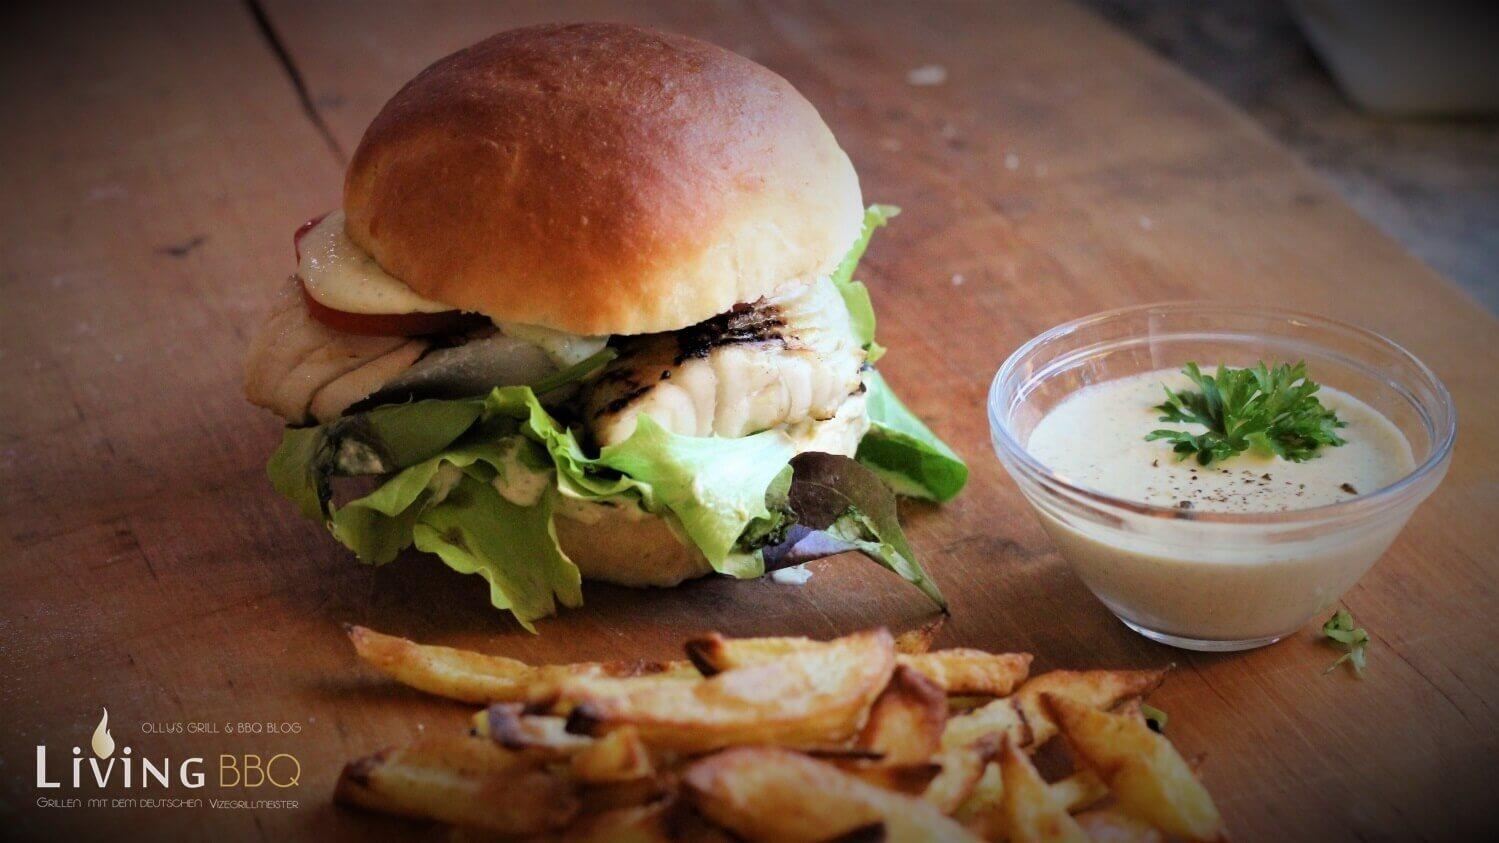 grillrezepte_Piraten Burger mit Seelachsfilet und Remoulade